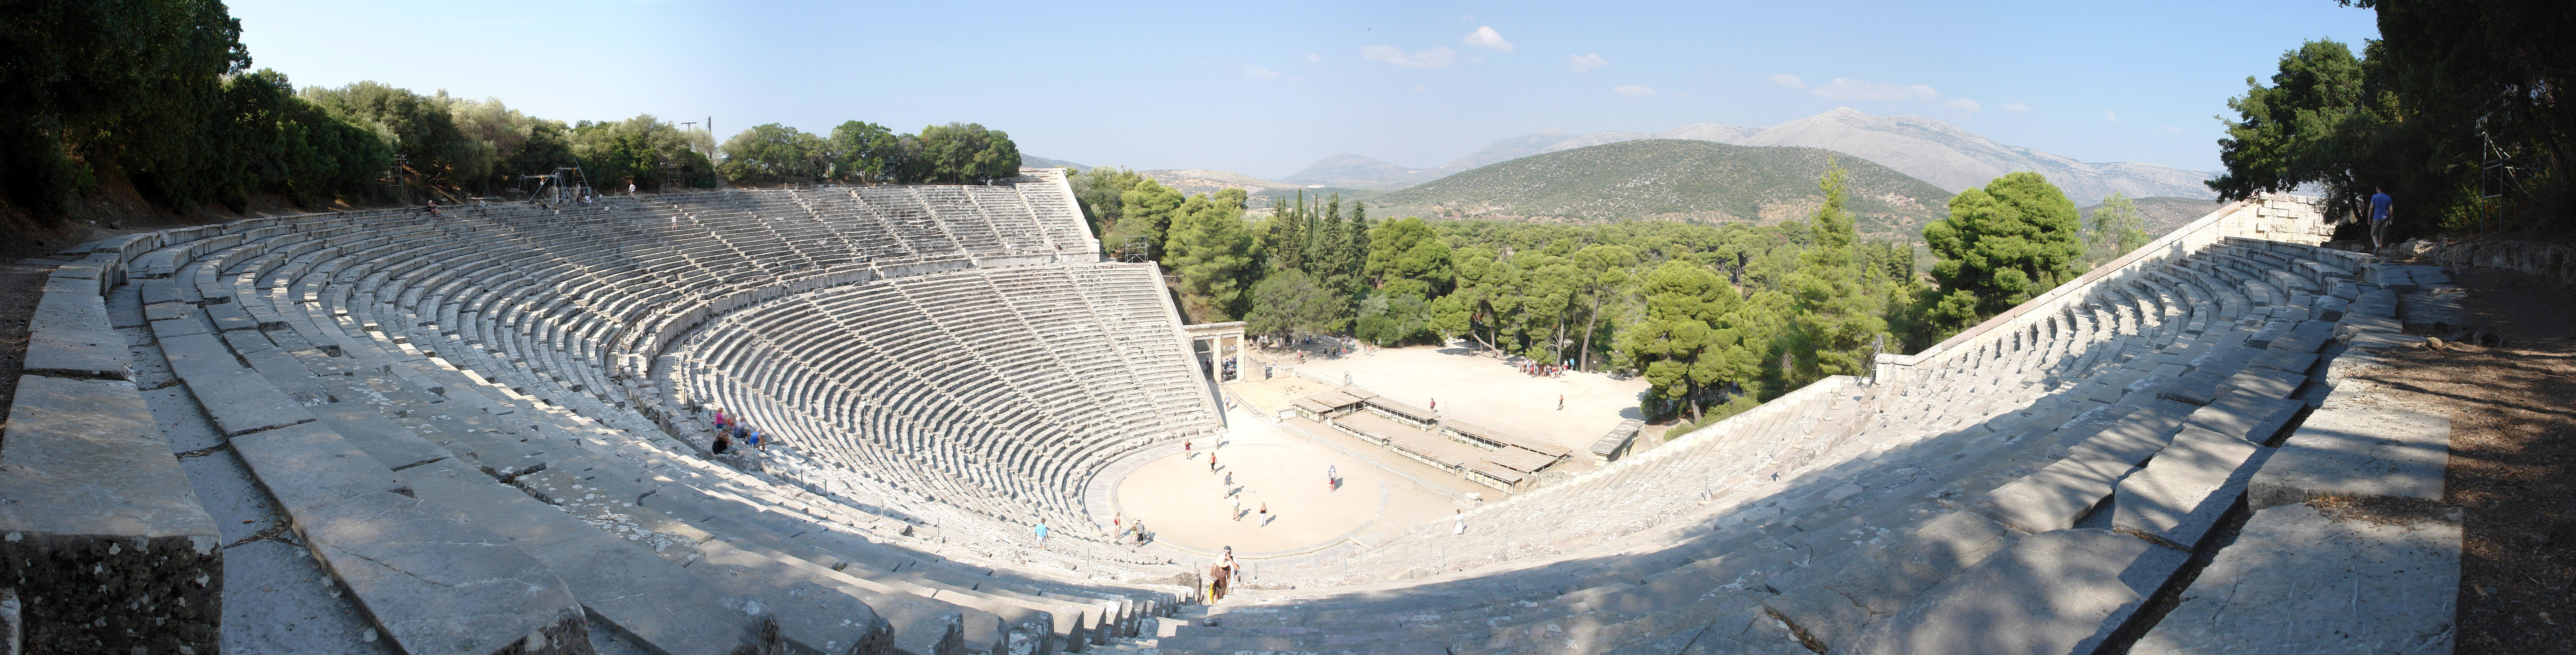 Θέατρο Επιδαύρου (πανοραμική σε πολύ υψηλή ανάλυση!), 2008-09-11